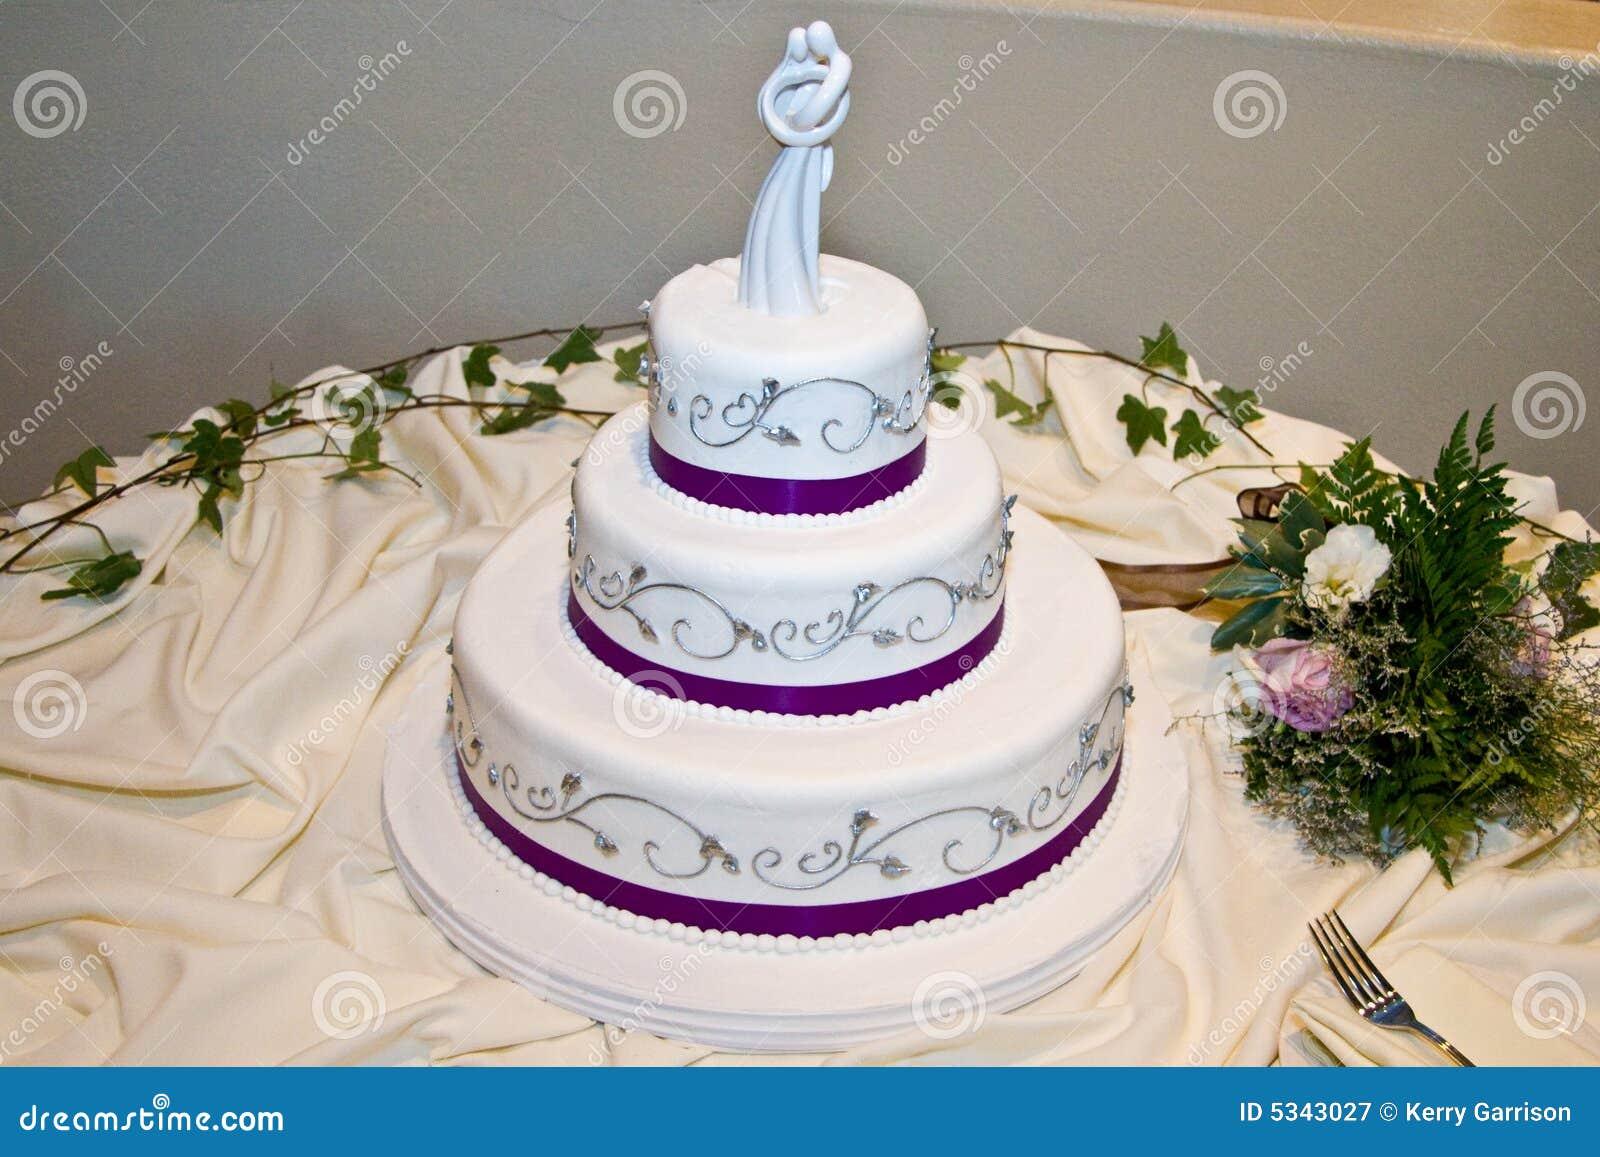 Wedding Cake With Purple Trim Stock Image Image 5343027